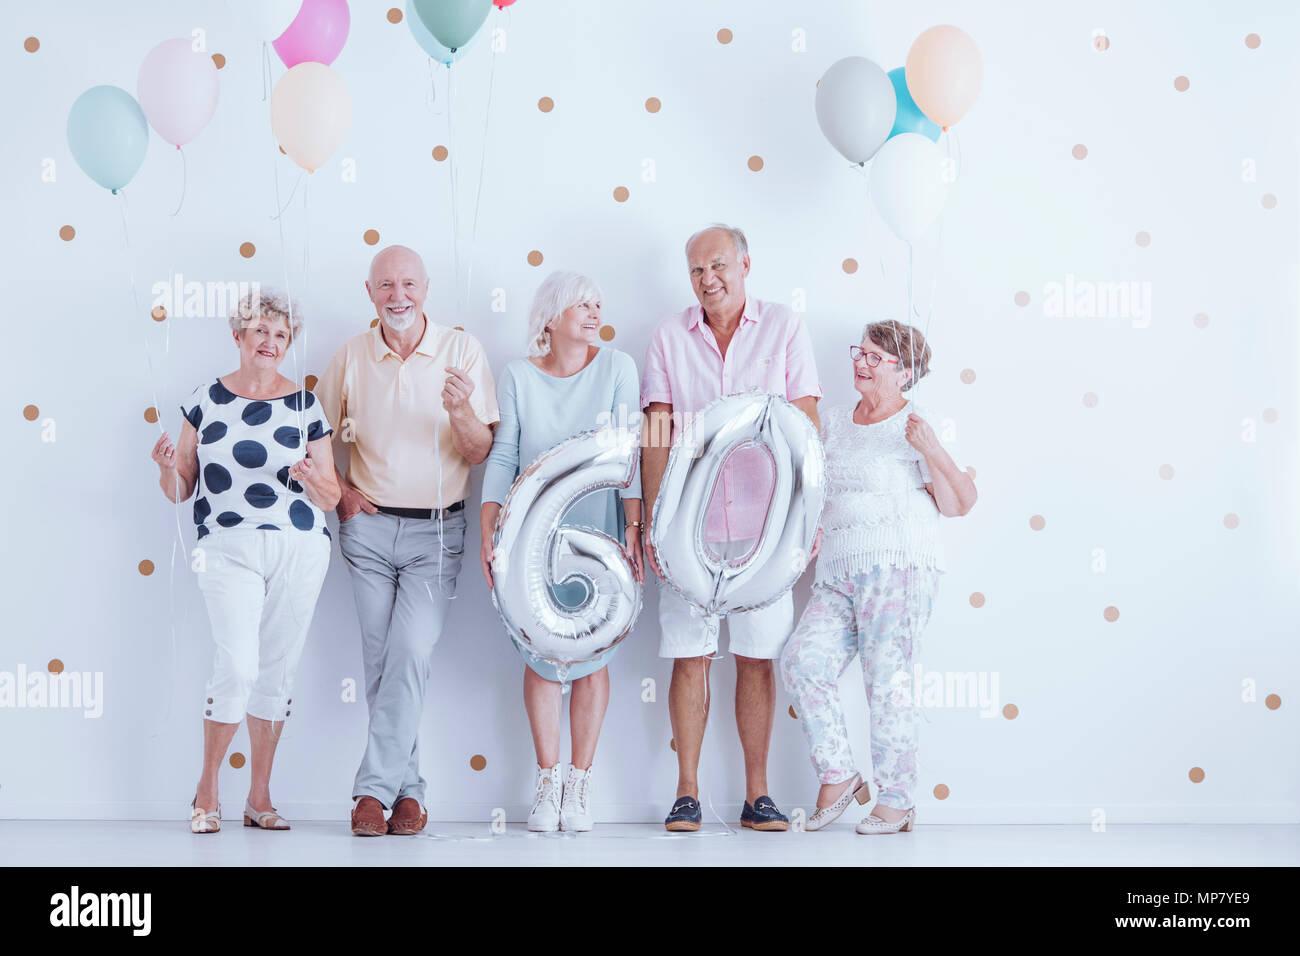 Felici le persone anziane azienda palloncini durante una festa di compleanno Immagini Stock